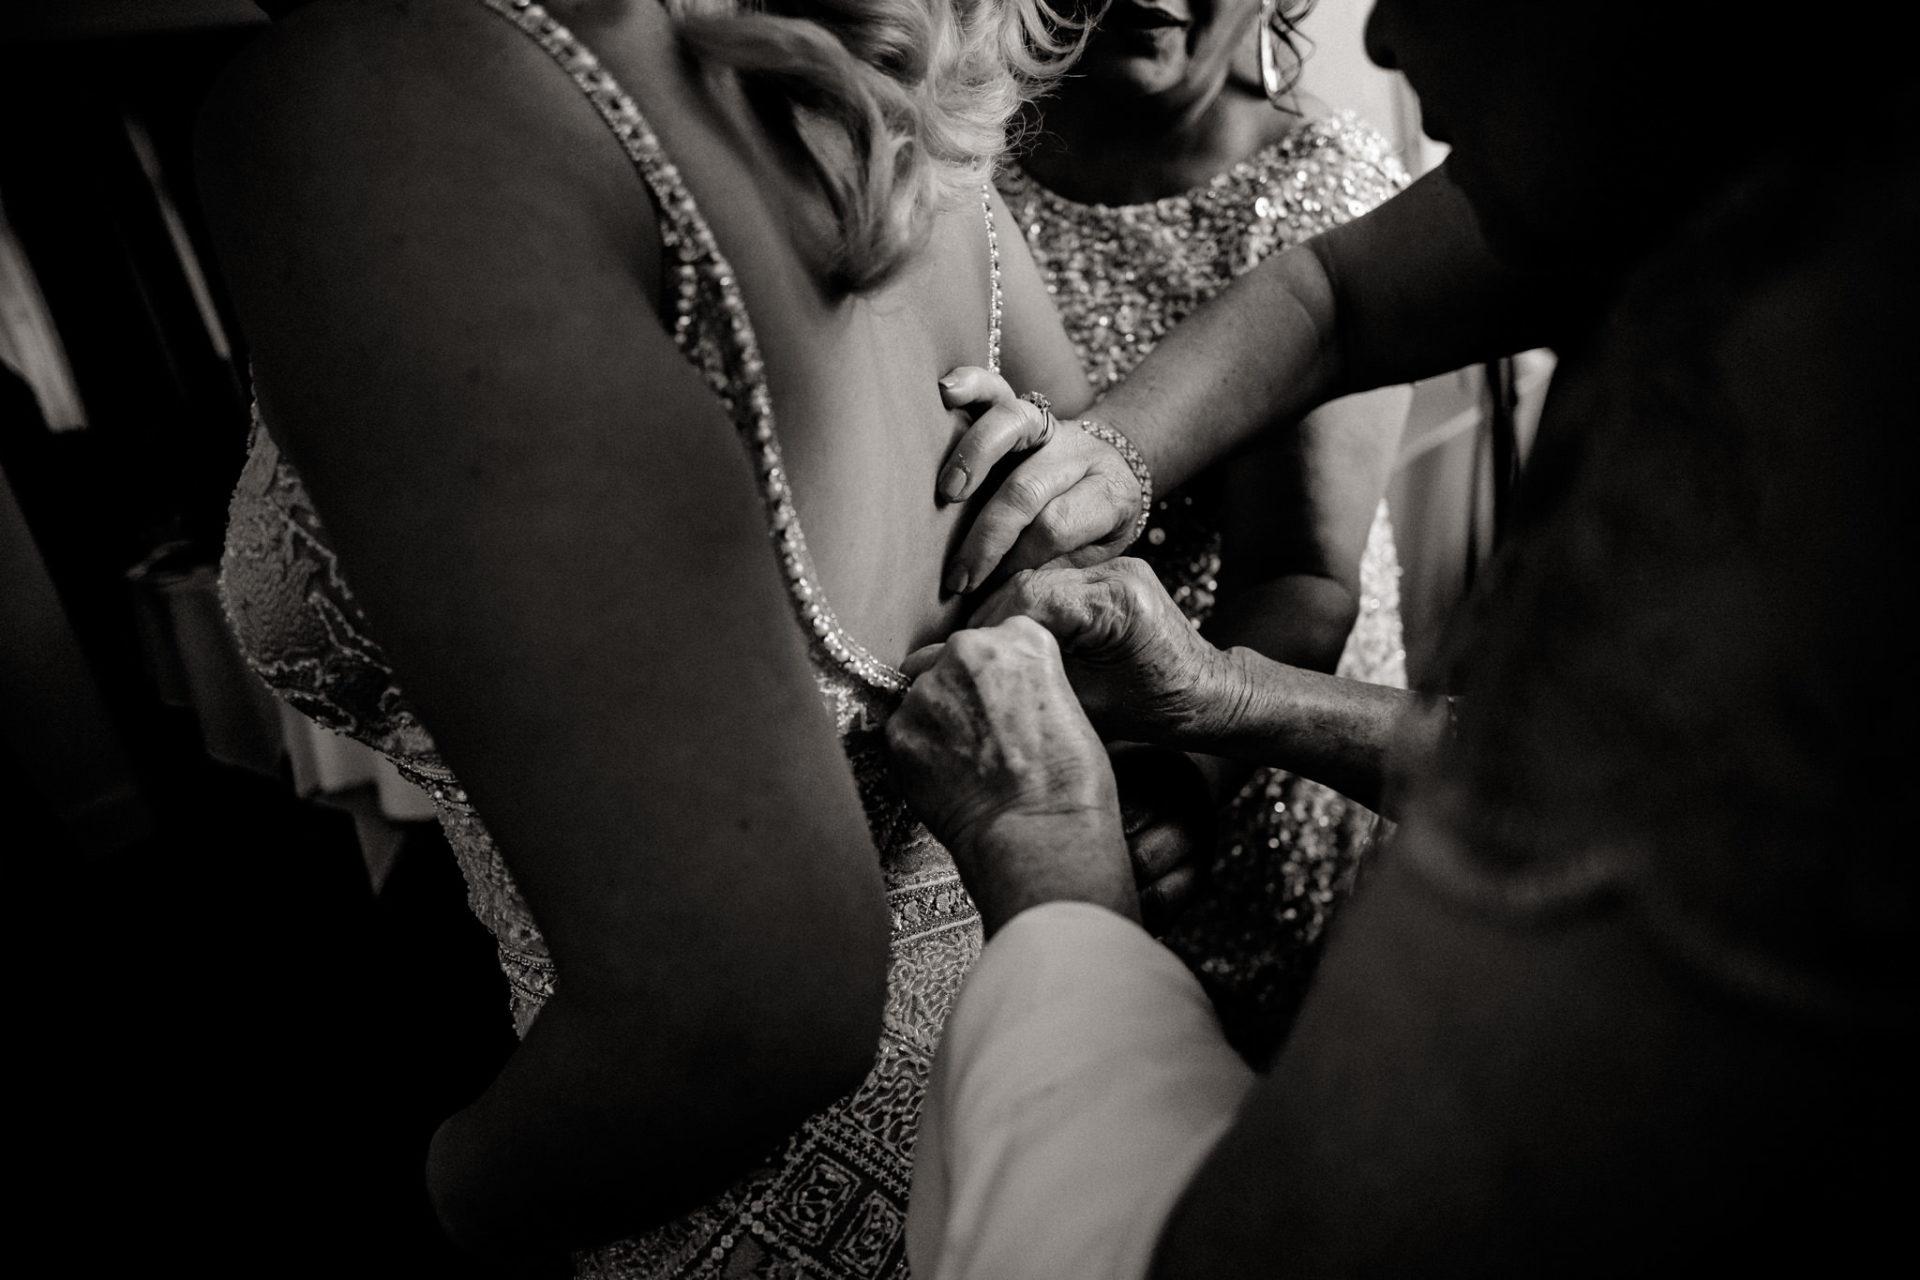 dokumentarische Hochzeitsfotografie-hochzeitsfotograf hotel am steinplatt berlin-ungestellte Portraits-glamuroese Hochzeit-dresscode-elegante braut-kubanische Hochzeit-kopflegenden Blumen Brautstrauß